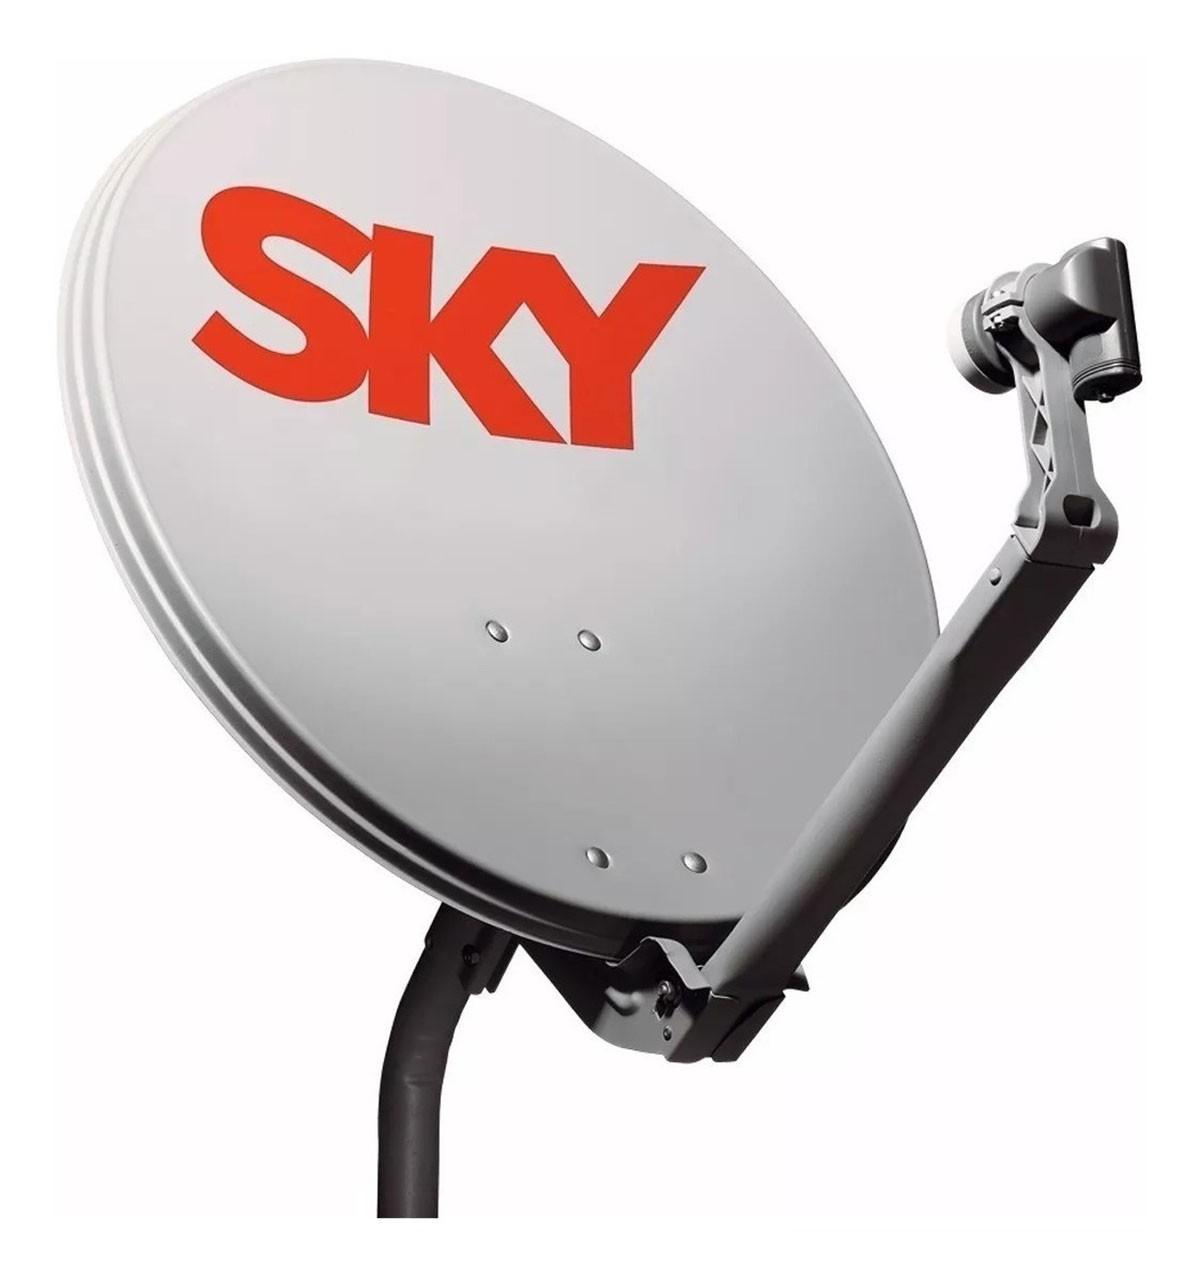 Sky HD Conforto 24 meses sem mensalidade  com Globo e SBT + Antena 60 cm